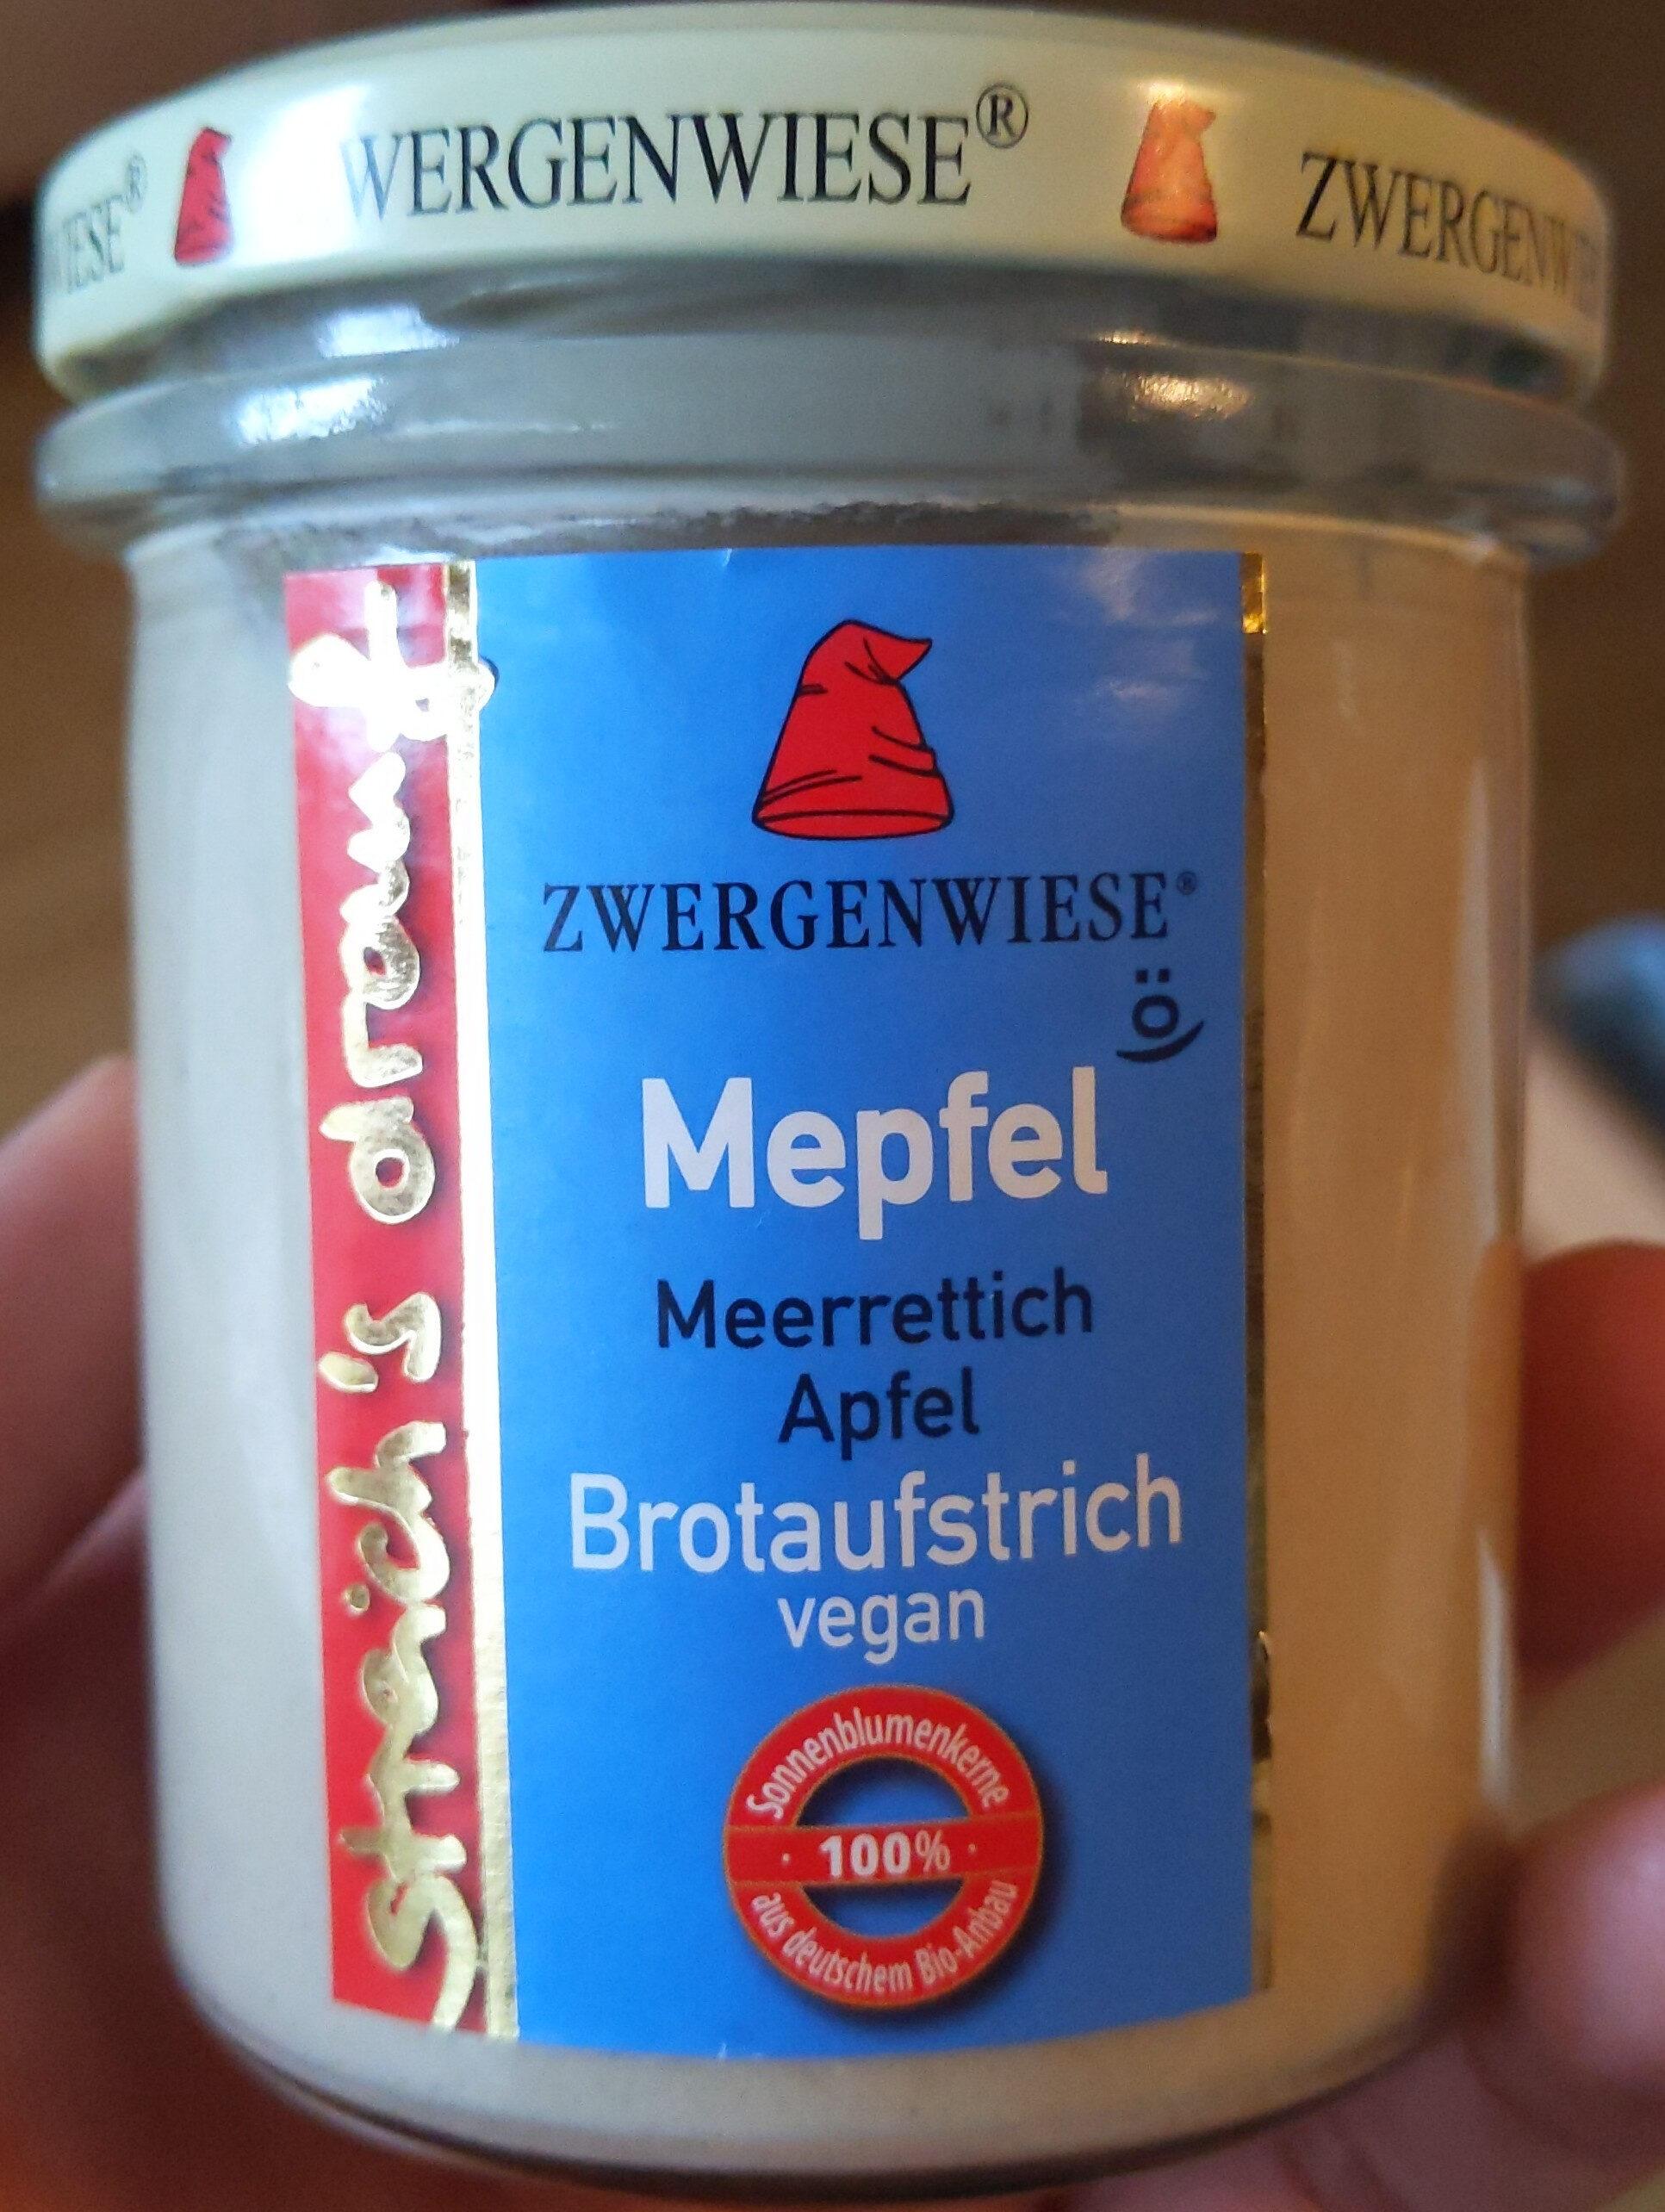 Zwergenwiese Mepfel Brotaufstrich - Product - de